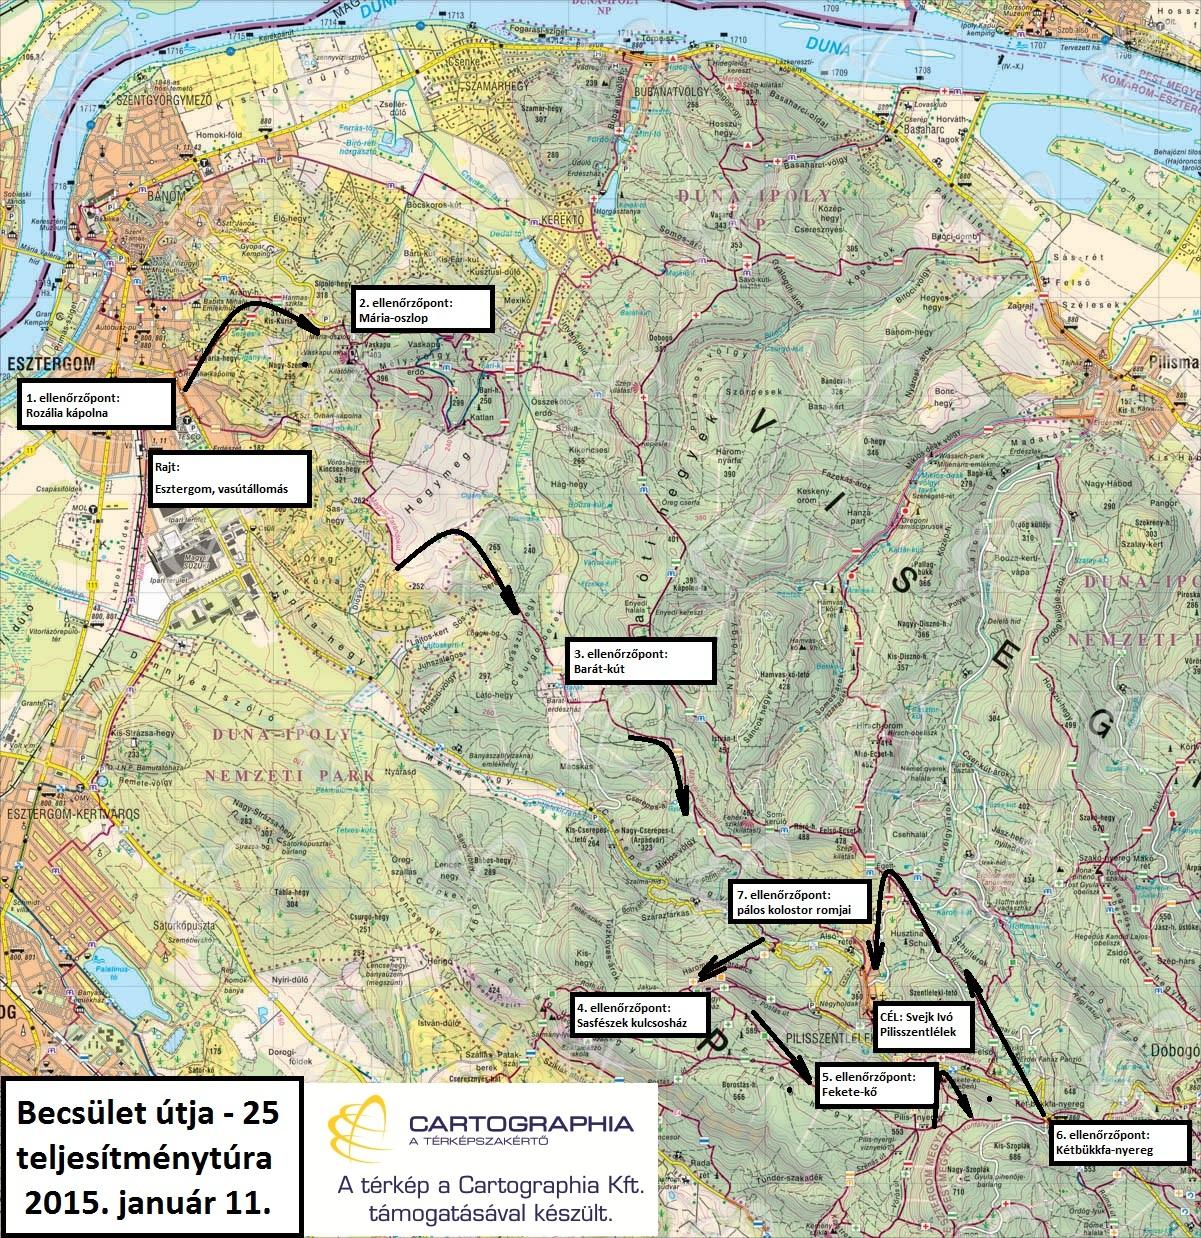 Becsület útja 25 térképvázlat